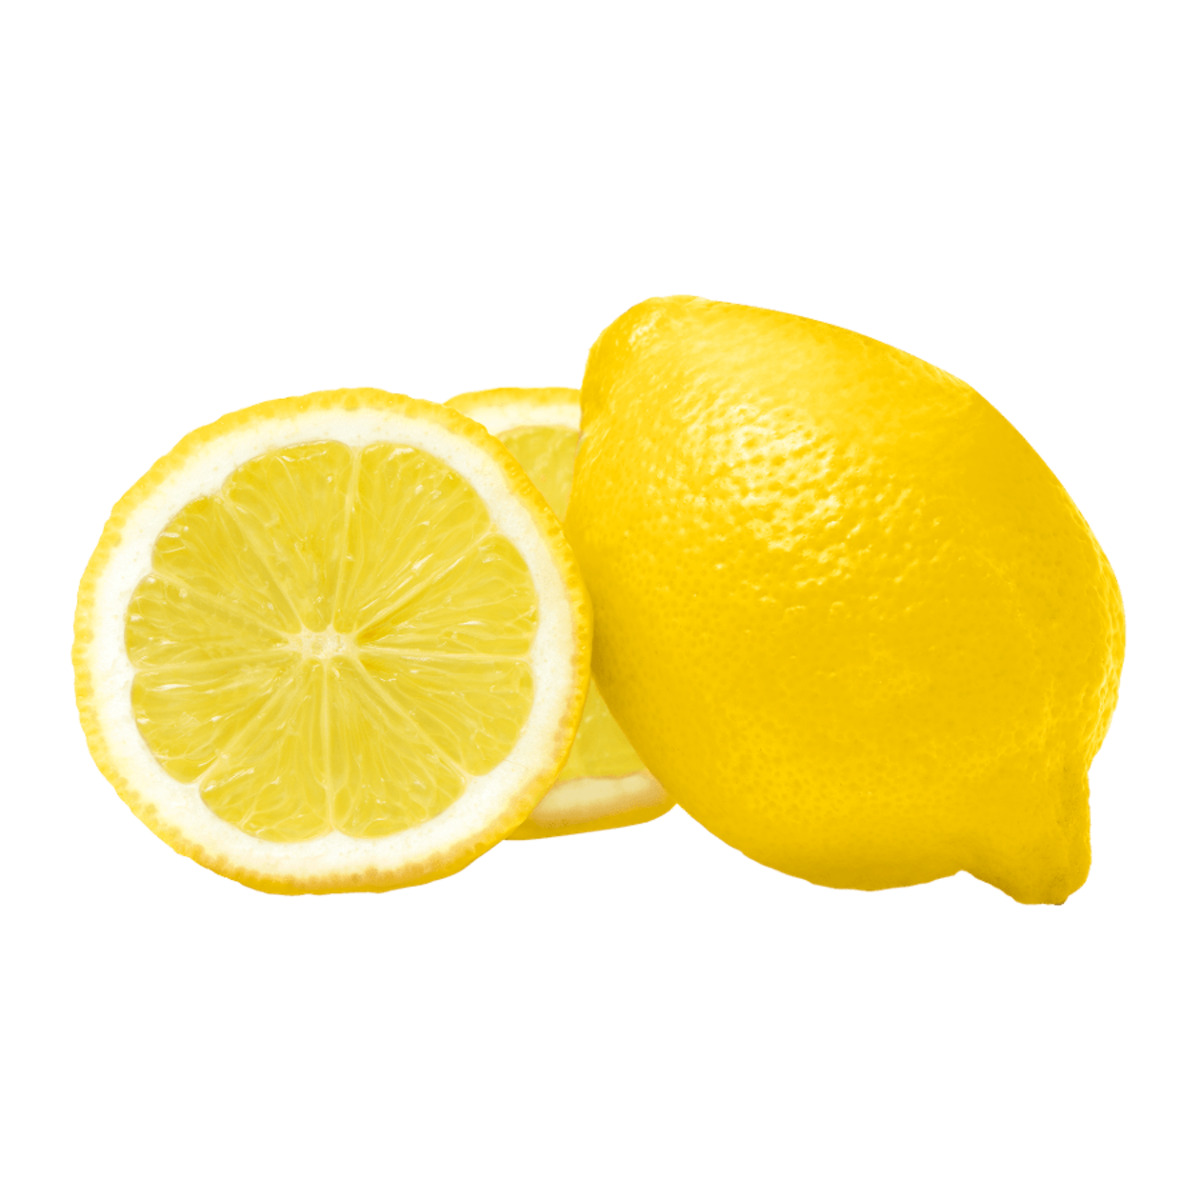 Bild 1 von Zitronen